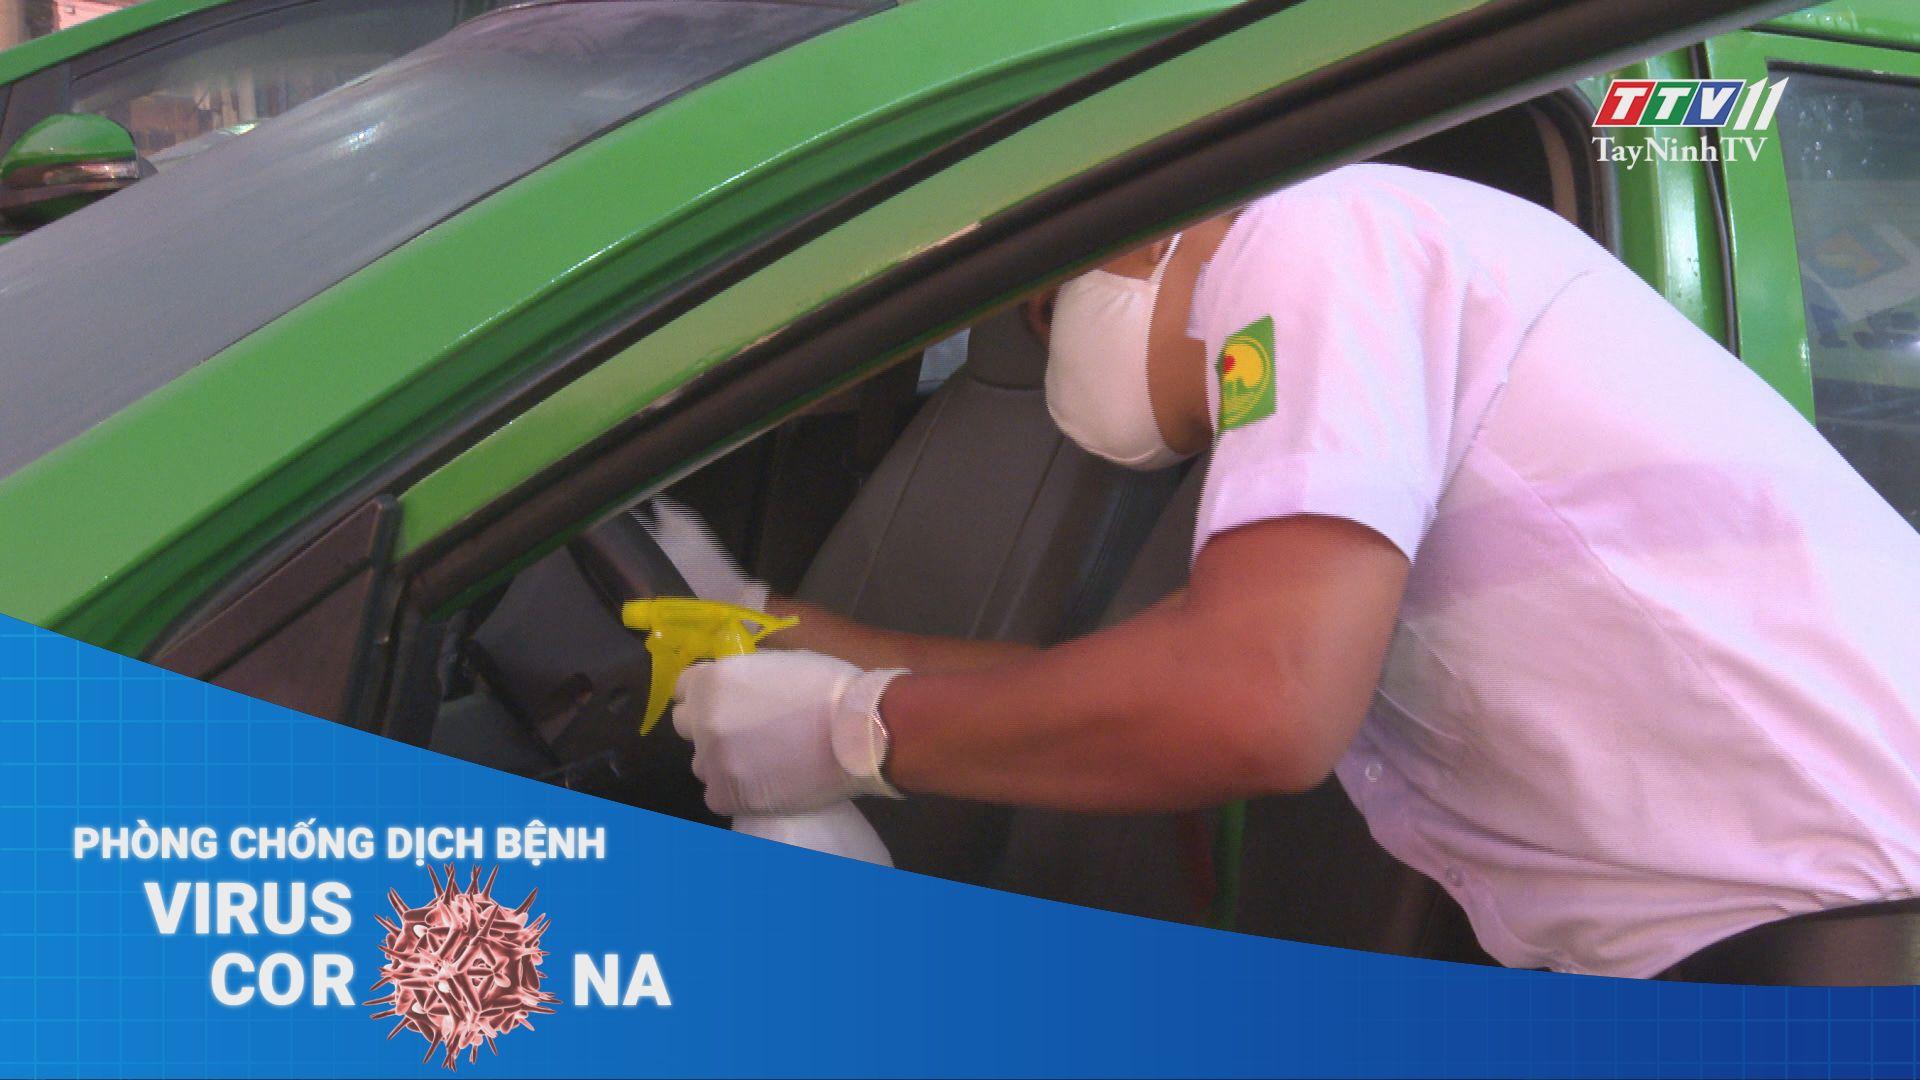 Các hãng taxi chung tay phòng chống dịch Covid-19 | THÔNG TIN DỊCH CÚM COVID-19 | TayNinhTV